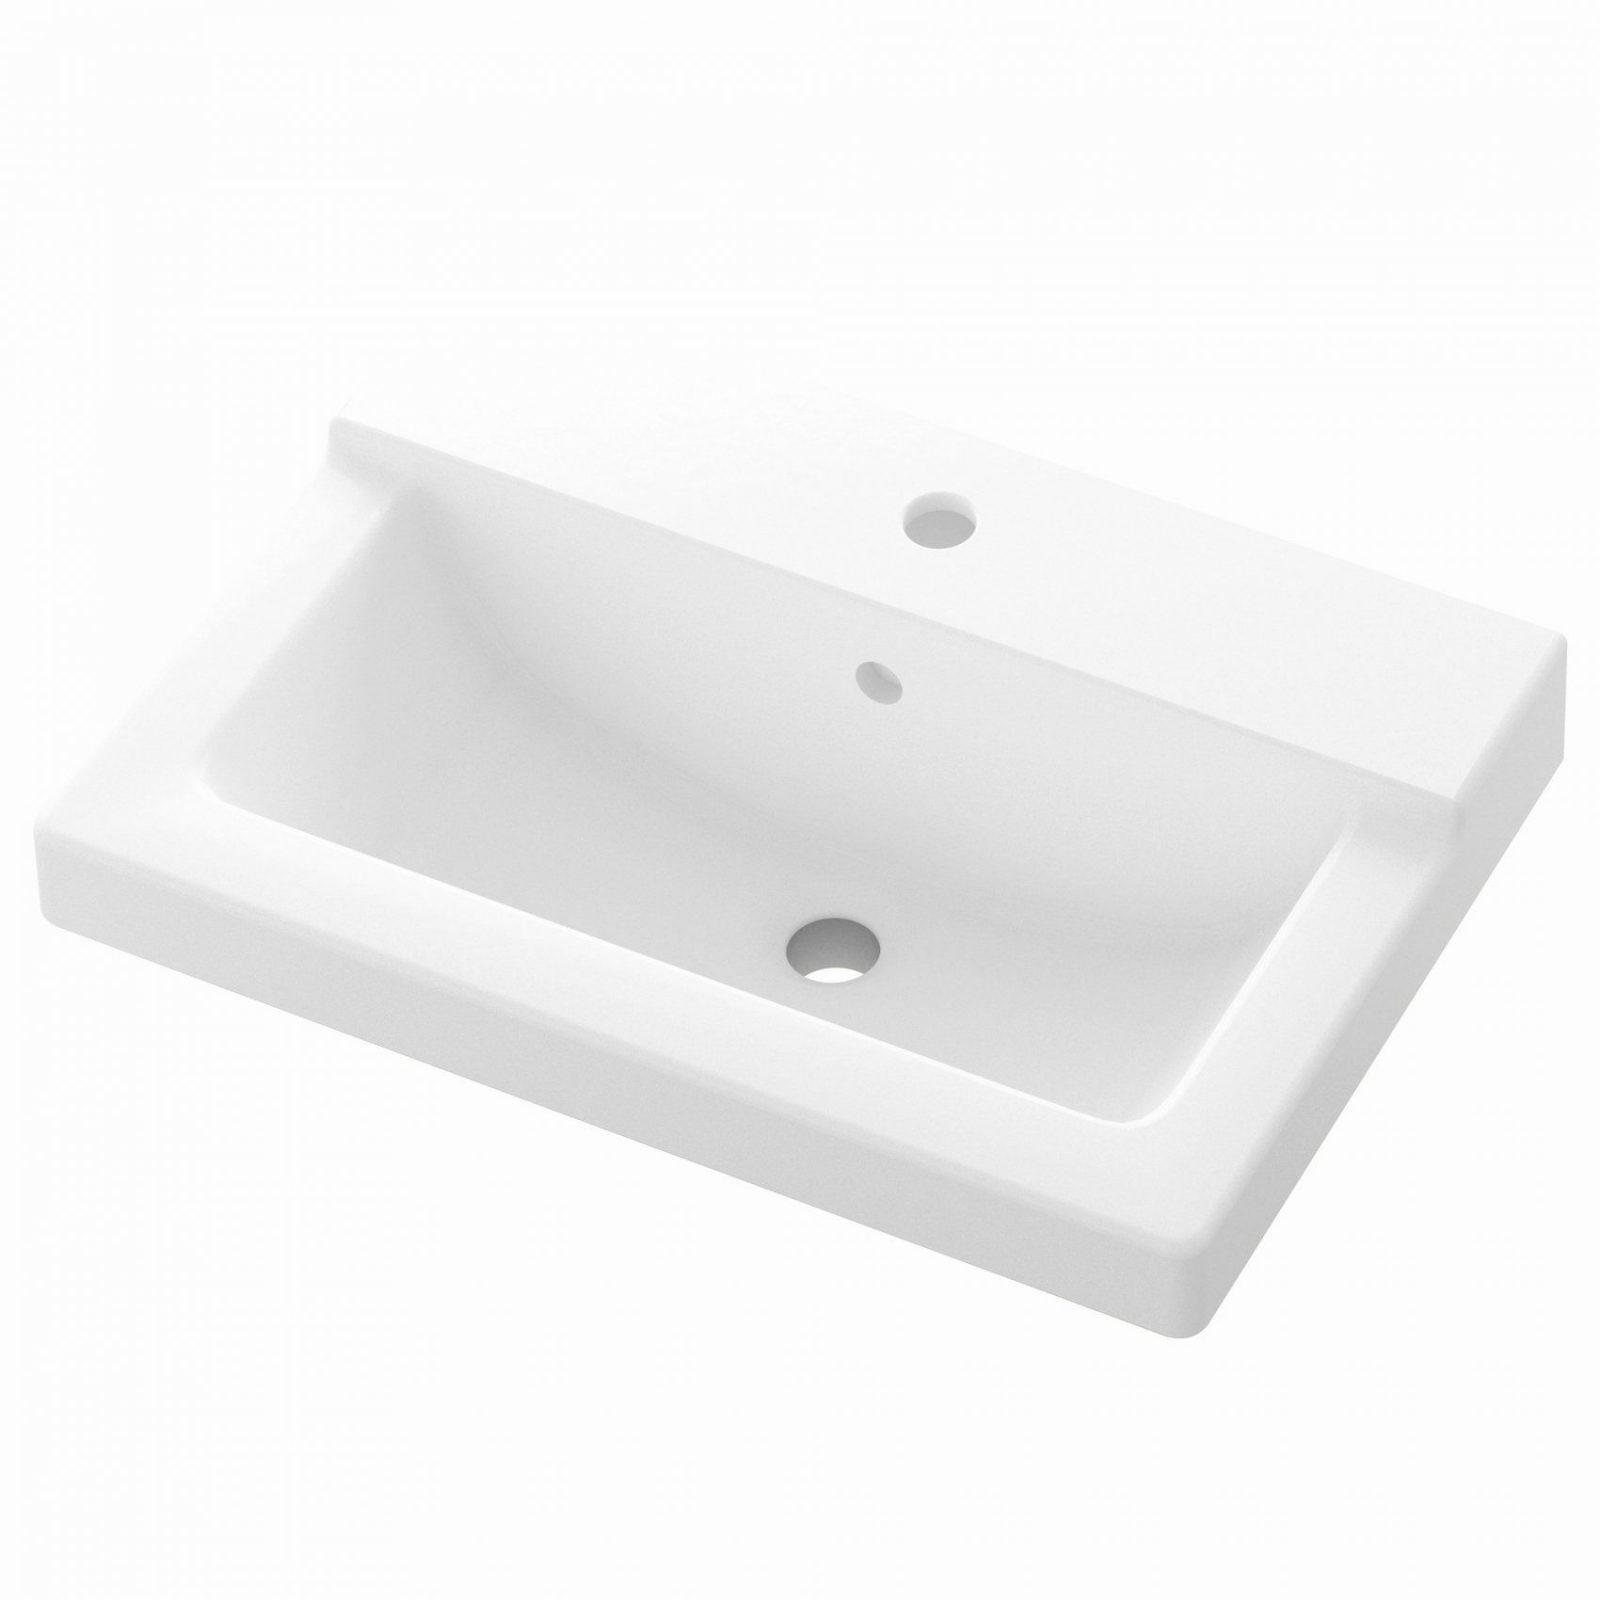 Waschtischunterschrank Waschtisch Mit Unterschrank Neu Waschbecken von Waschbecken 25 Cm Tief Bild